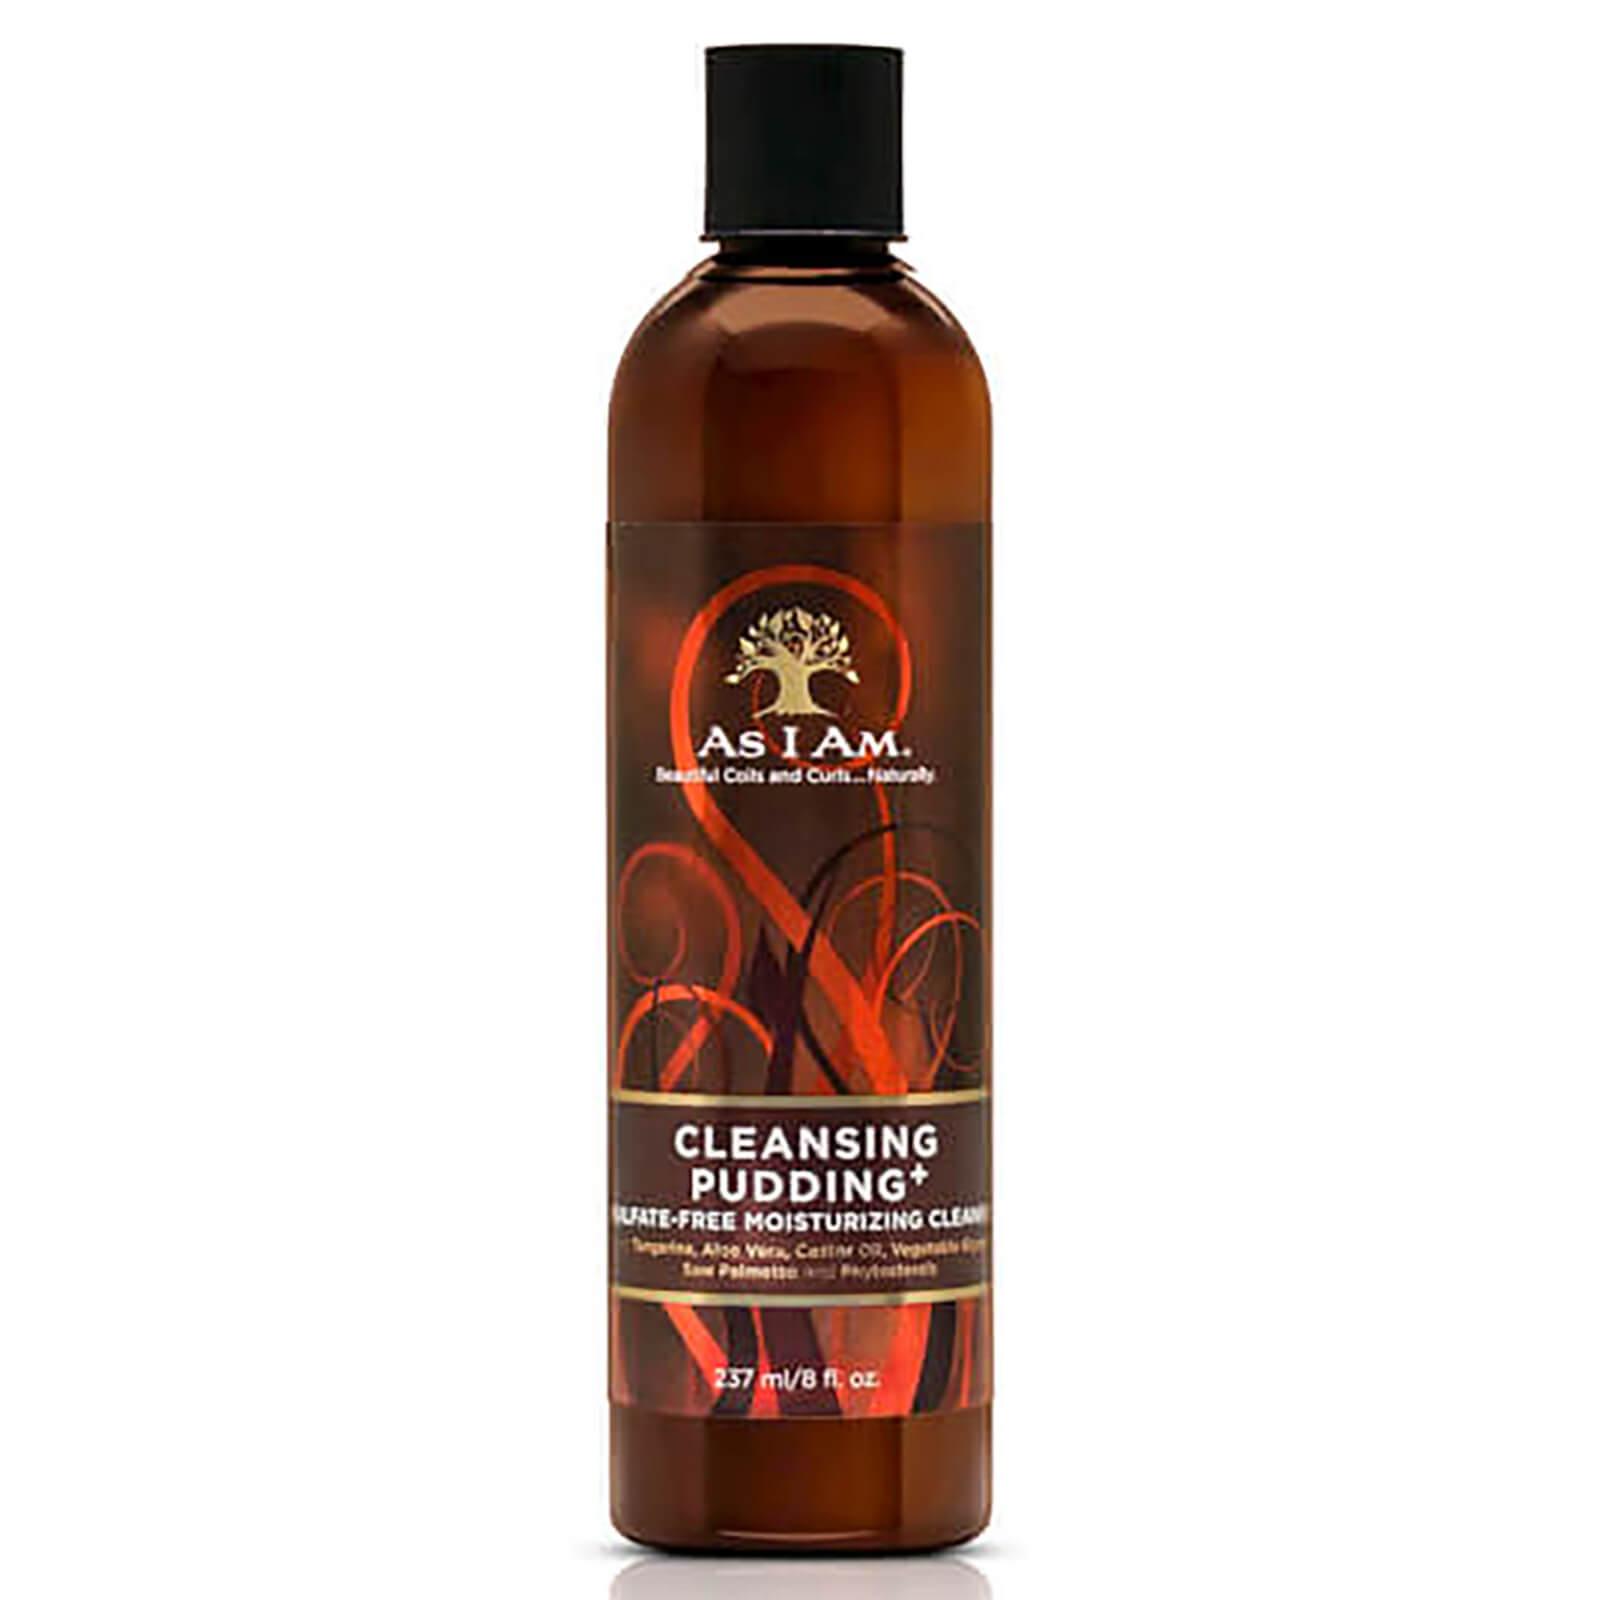 Купить Очищающее средство с эффектом увлажнения As I Am Cleansing Pudding, 237 мл